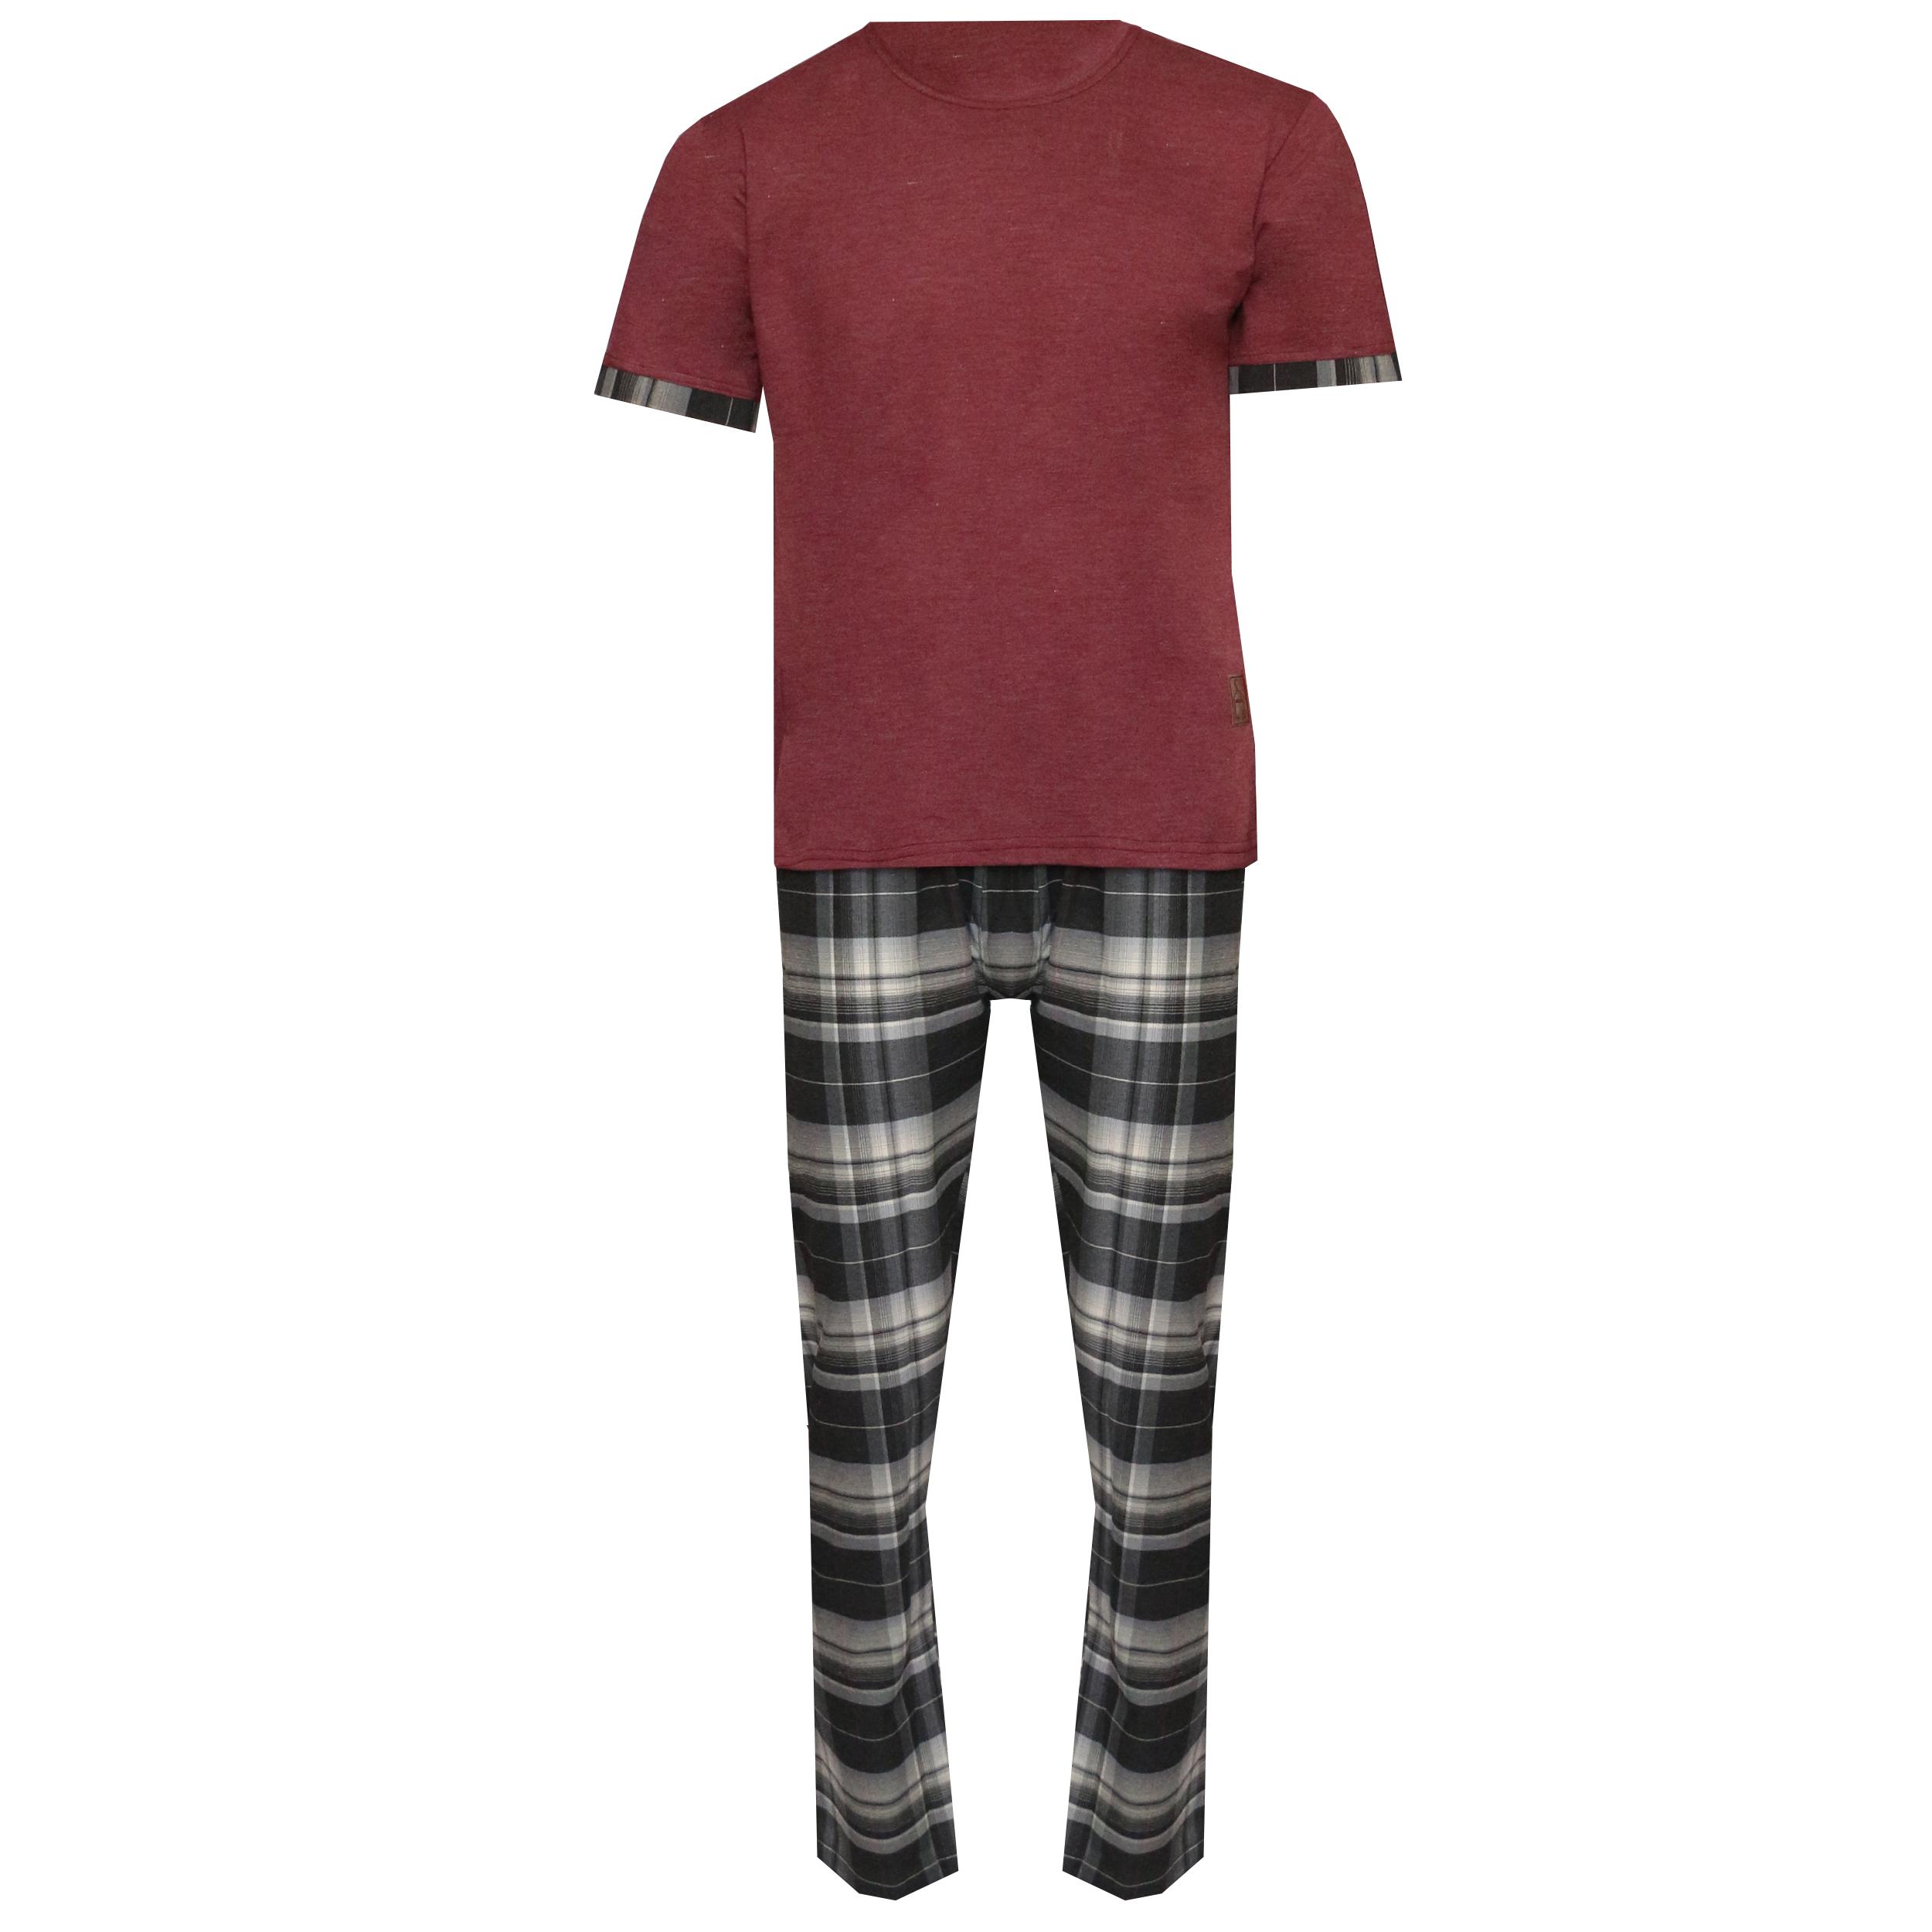 ست تی شرت و شلوار مردانه لباس خونه کد 990706 رنگ زرشکی